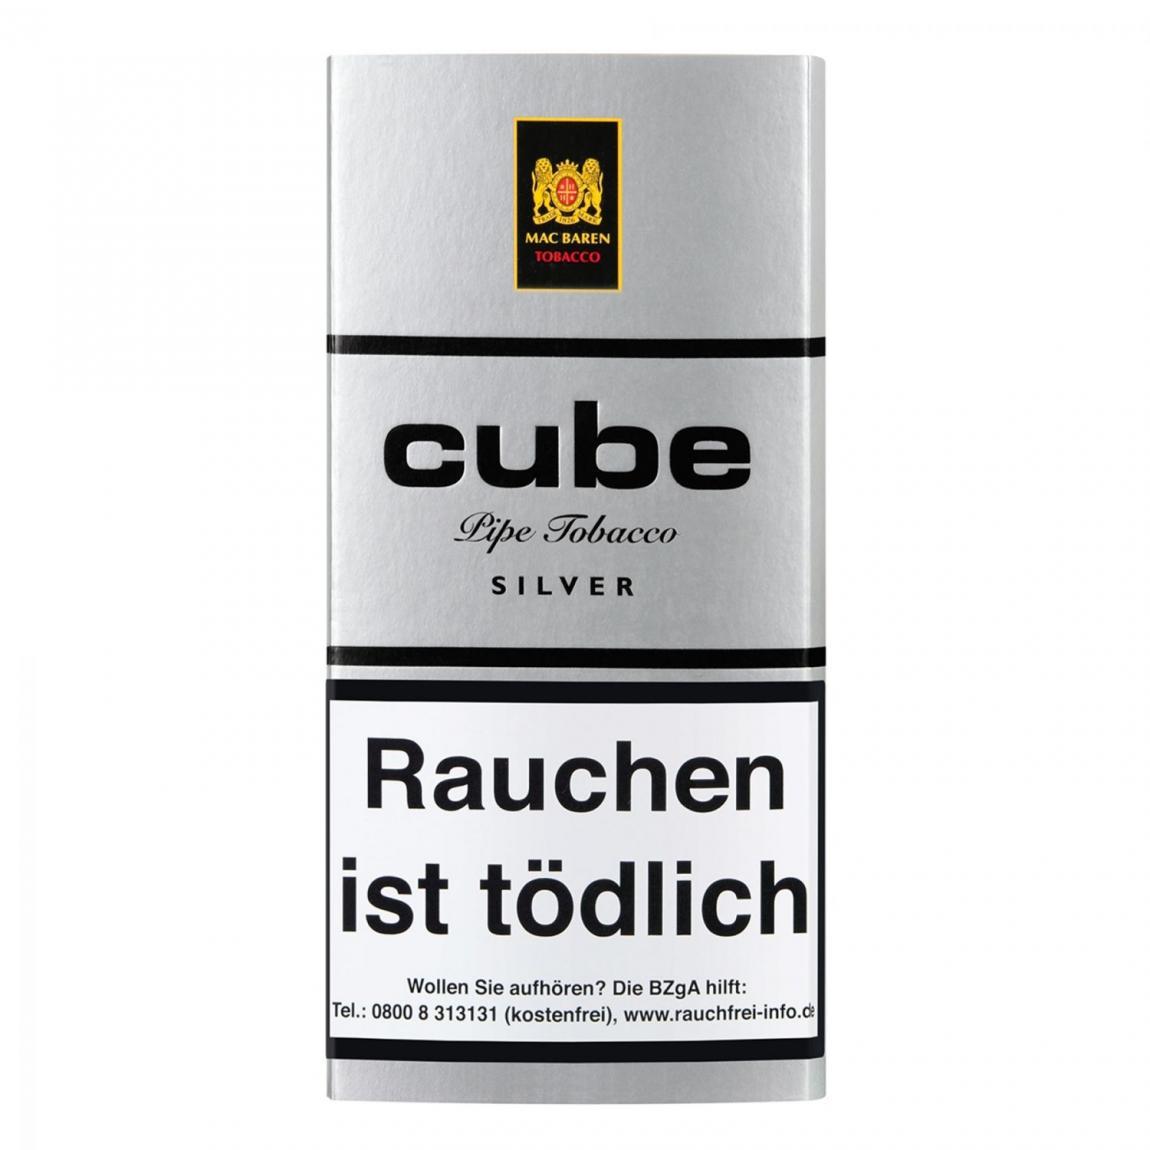 Mac Baren »Cube Silver« 40g Pouch